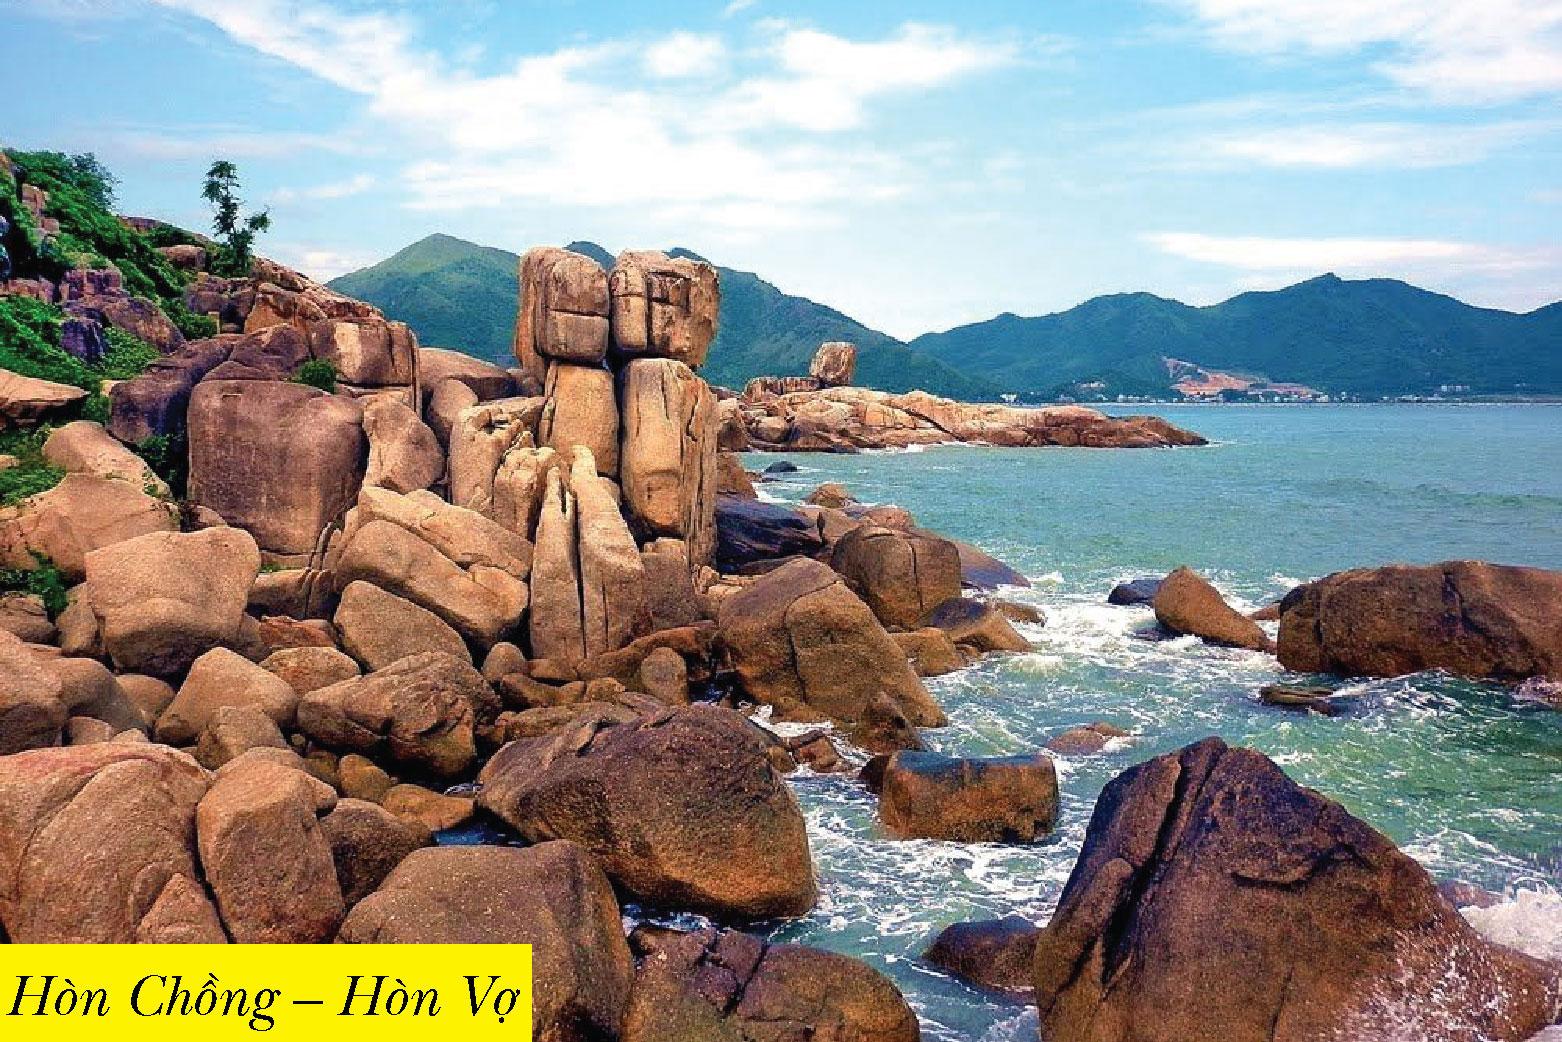 Du lịch Nha Trang để thấy Việt Nam đẹp mê đắm thế nào? - 51